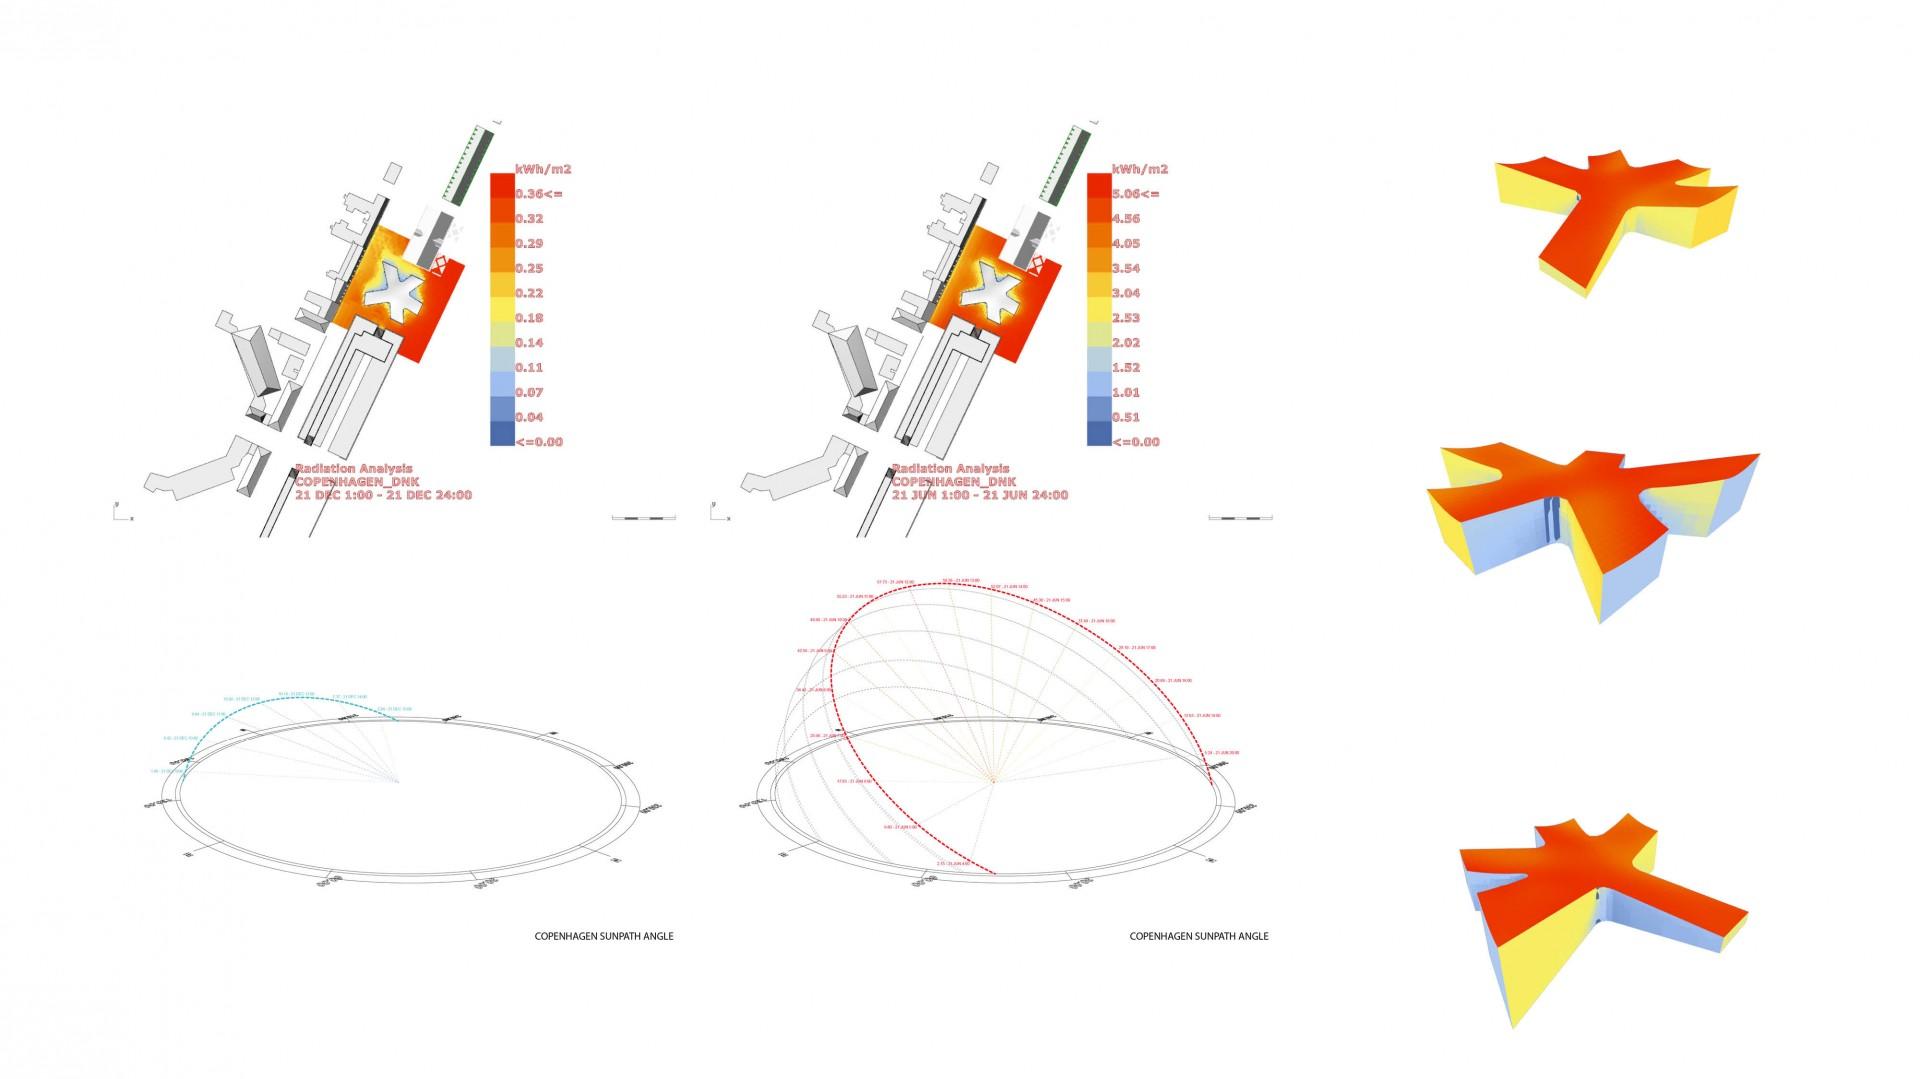 exposition de la toiture et des façades pour étude d'apport solaire passifs et déperditions annuelles.